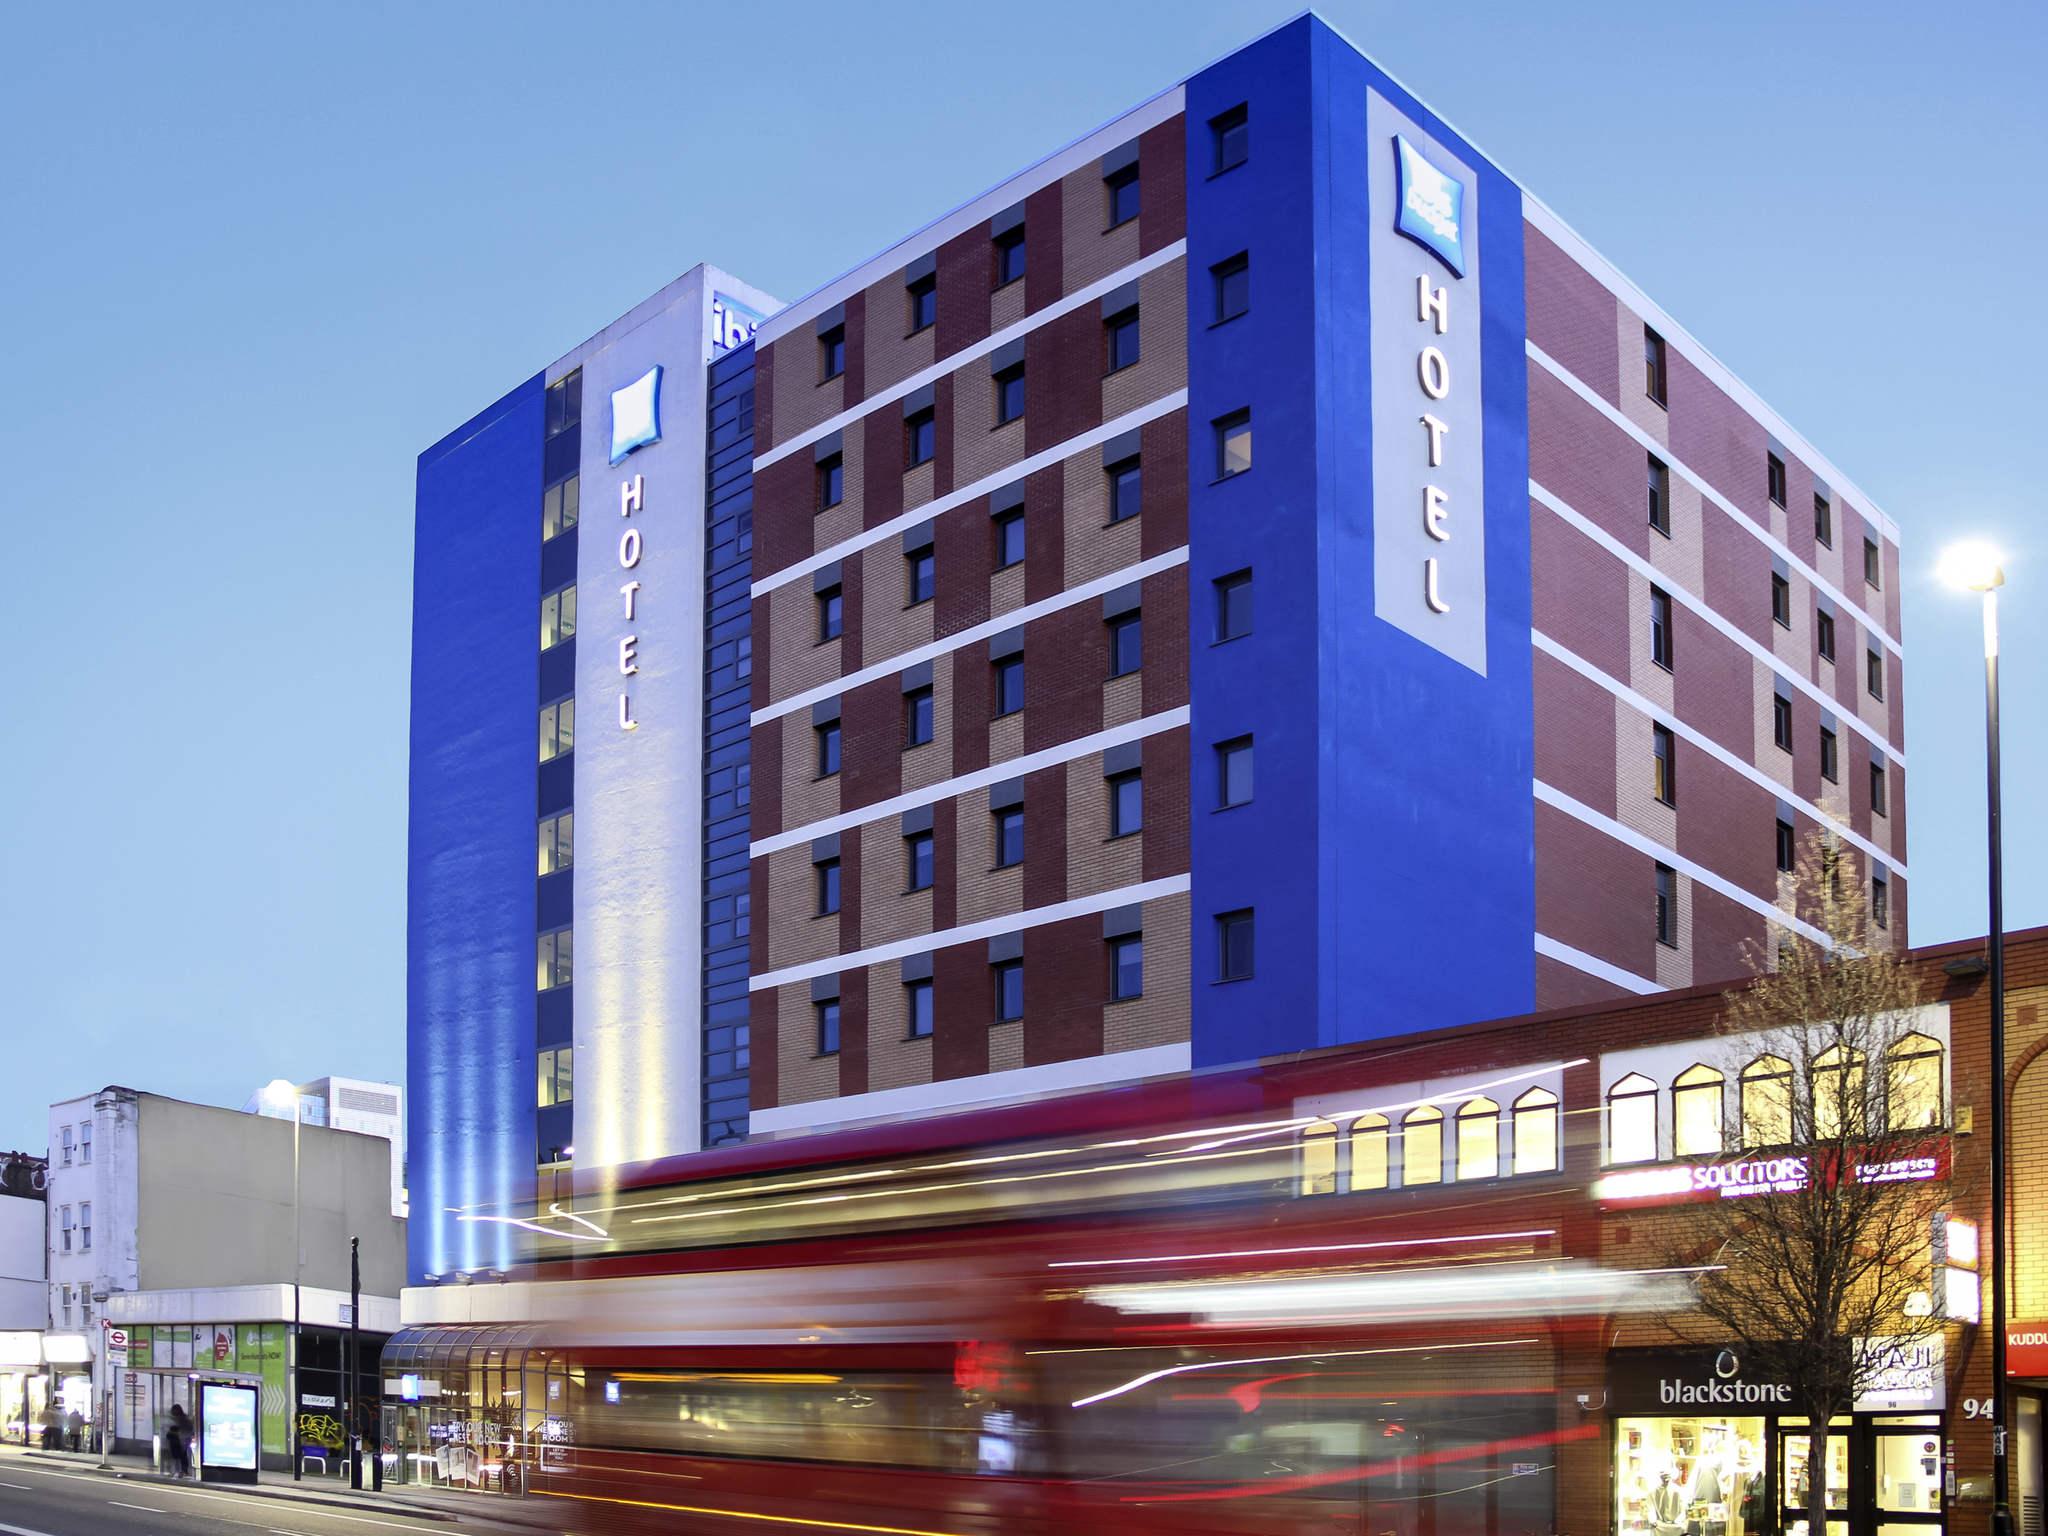 Otel – ibis budget London Whitechapel - Brick Lane